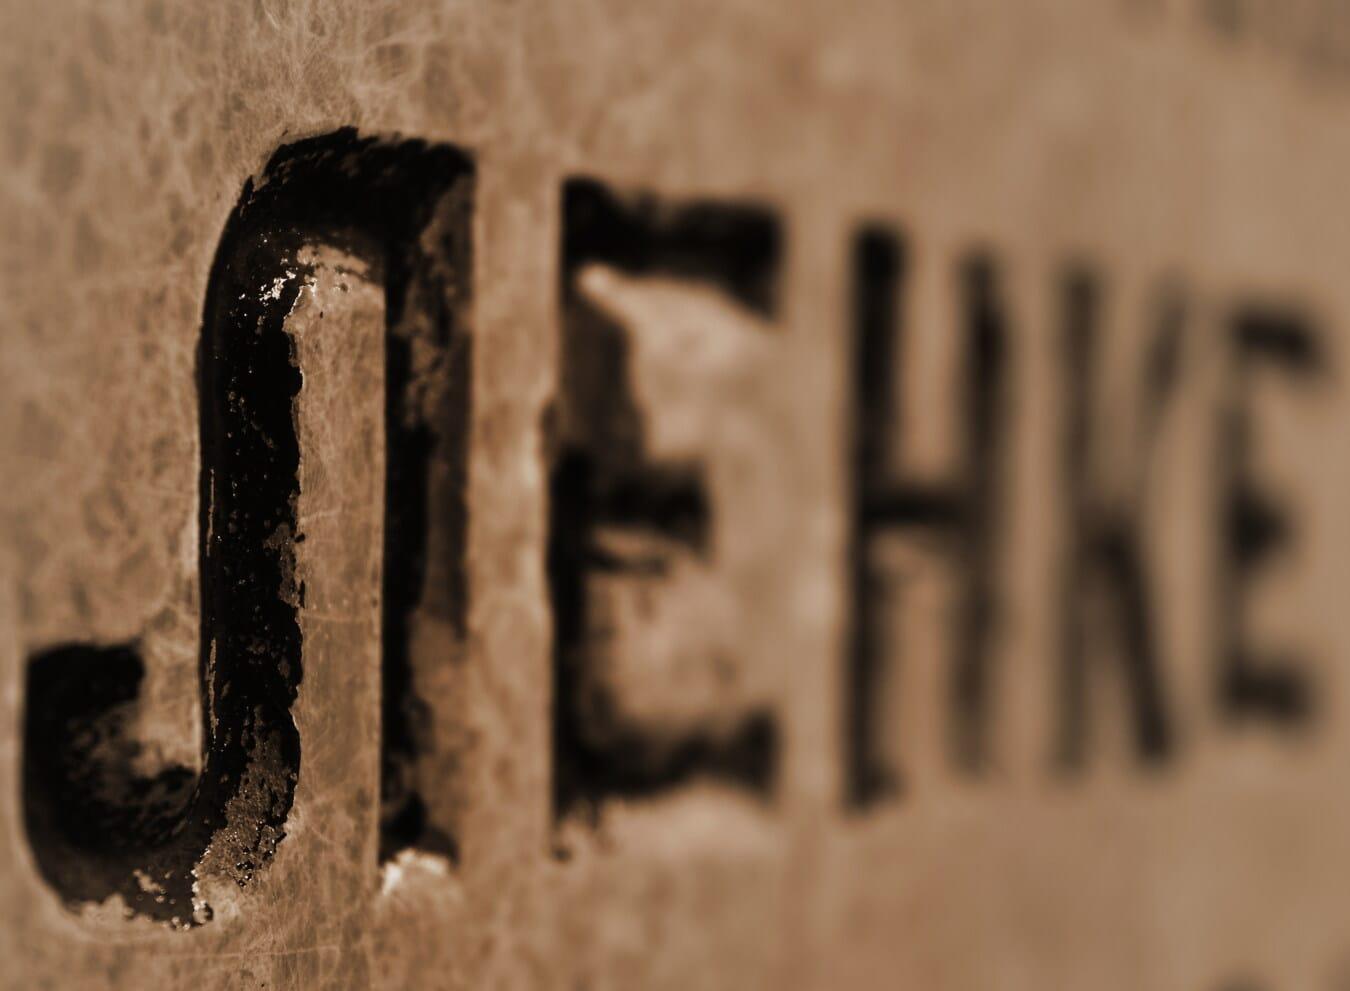 textul, chirilic, negru, marmura, sculpturi, tipografie, sepia, monocrom, vechi, retro